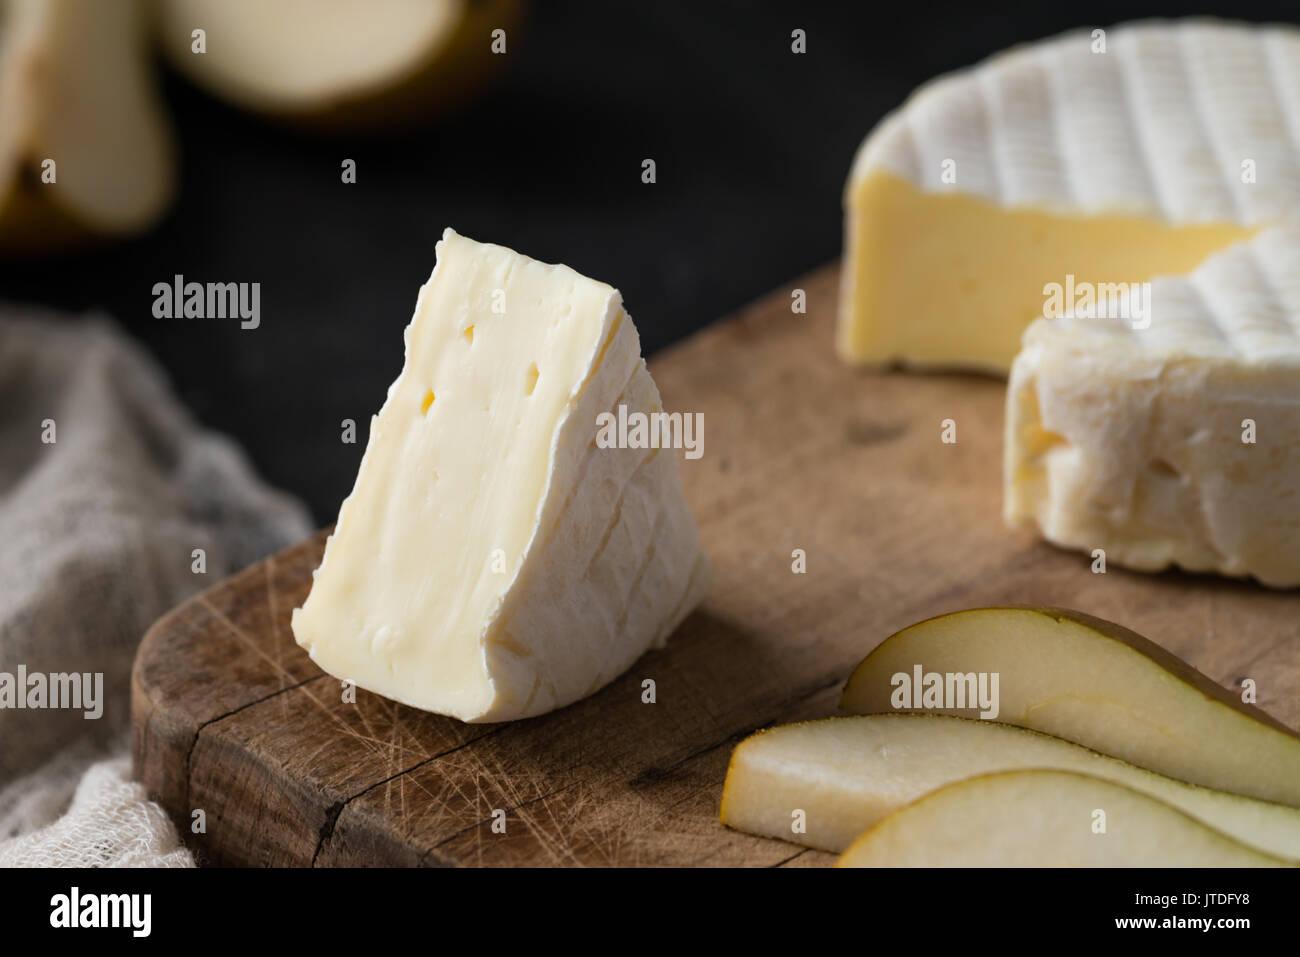 Primo piano francese di formaggio a pasta morbida dalla regione della Normandia affettata con pera su una tavola di legno scuro su sfondo rustico Immagini Stock